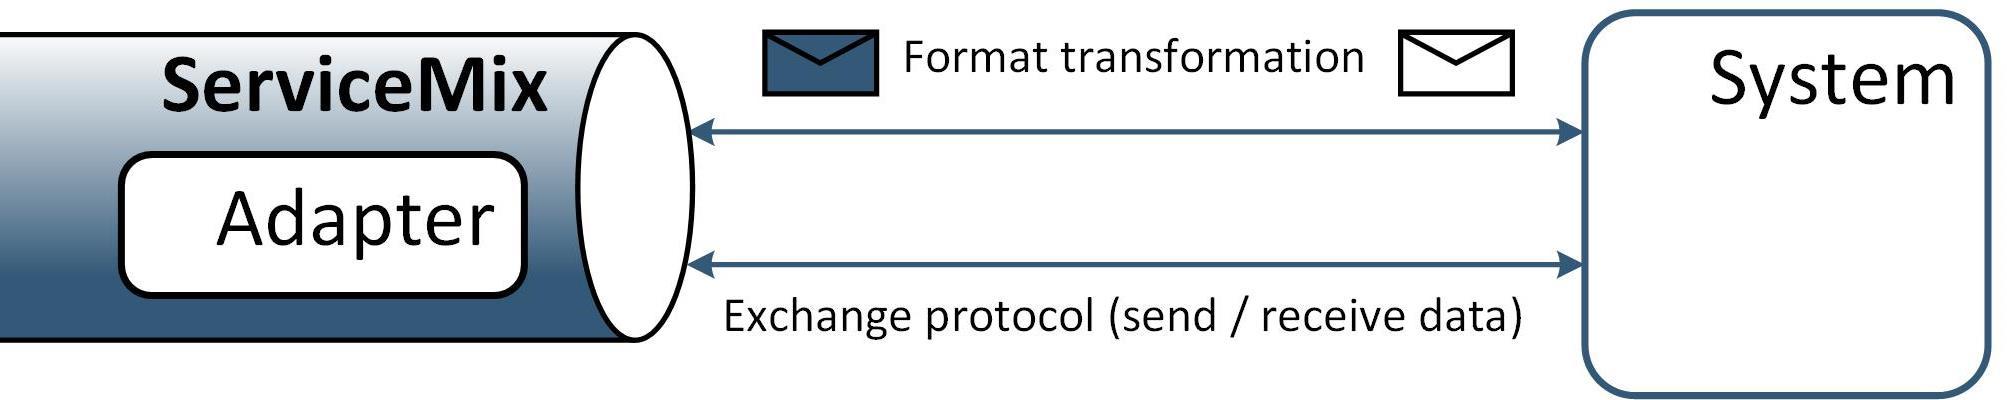 Опыт построения интеграционной платформы на базе ServiceMix (Camel) и RabbitMQ - 5